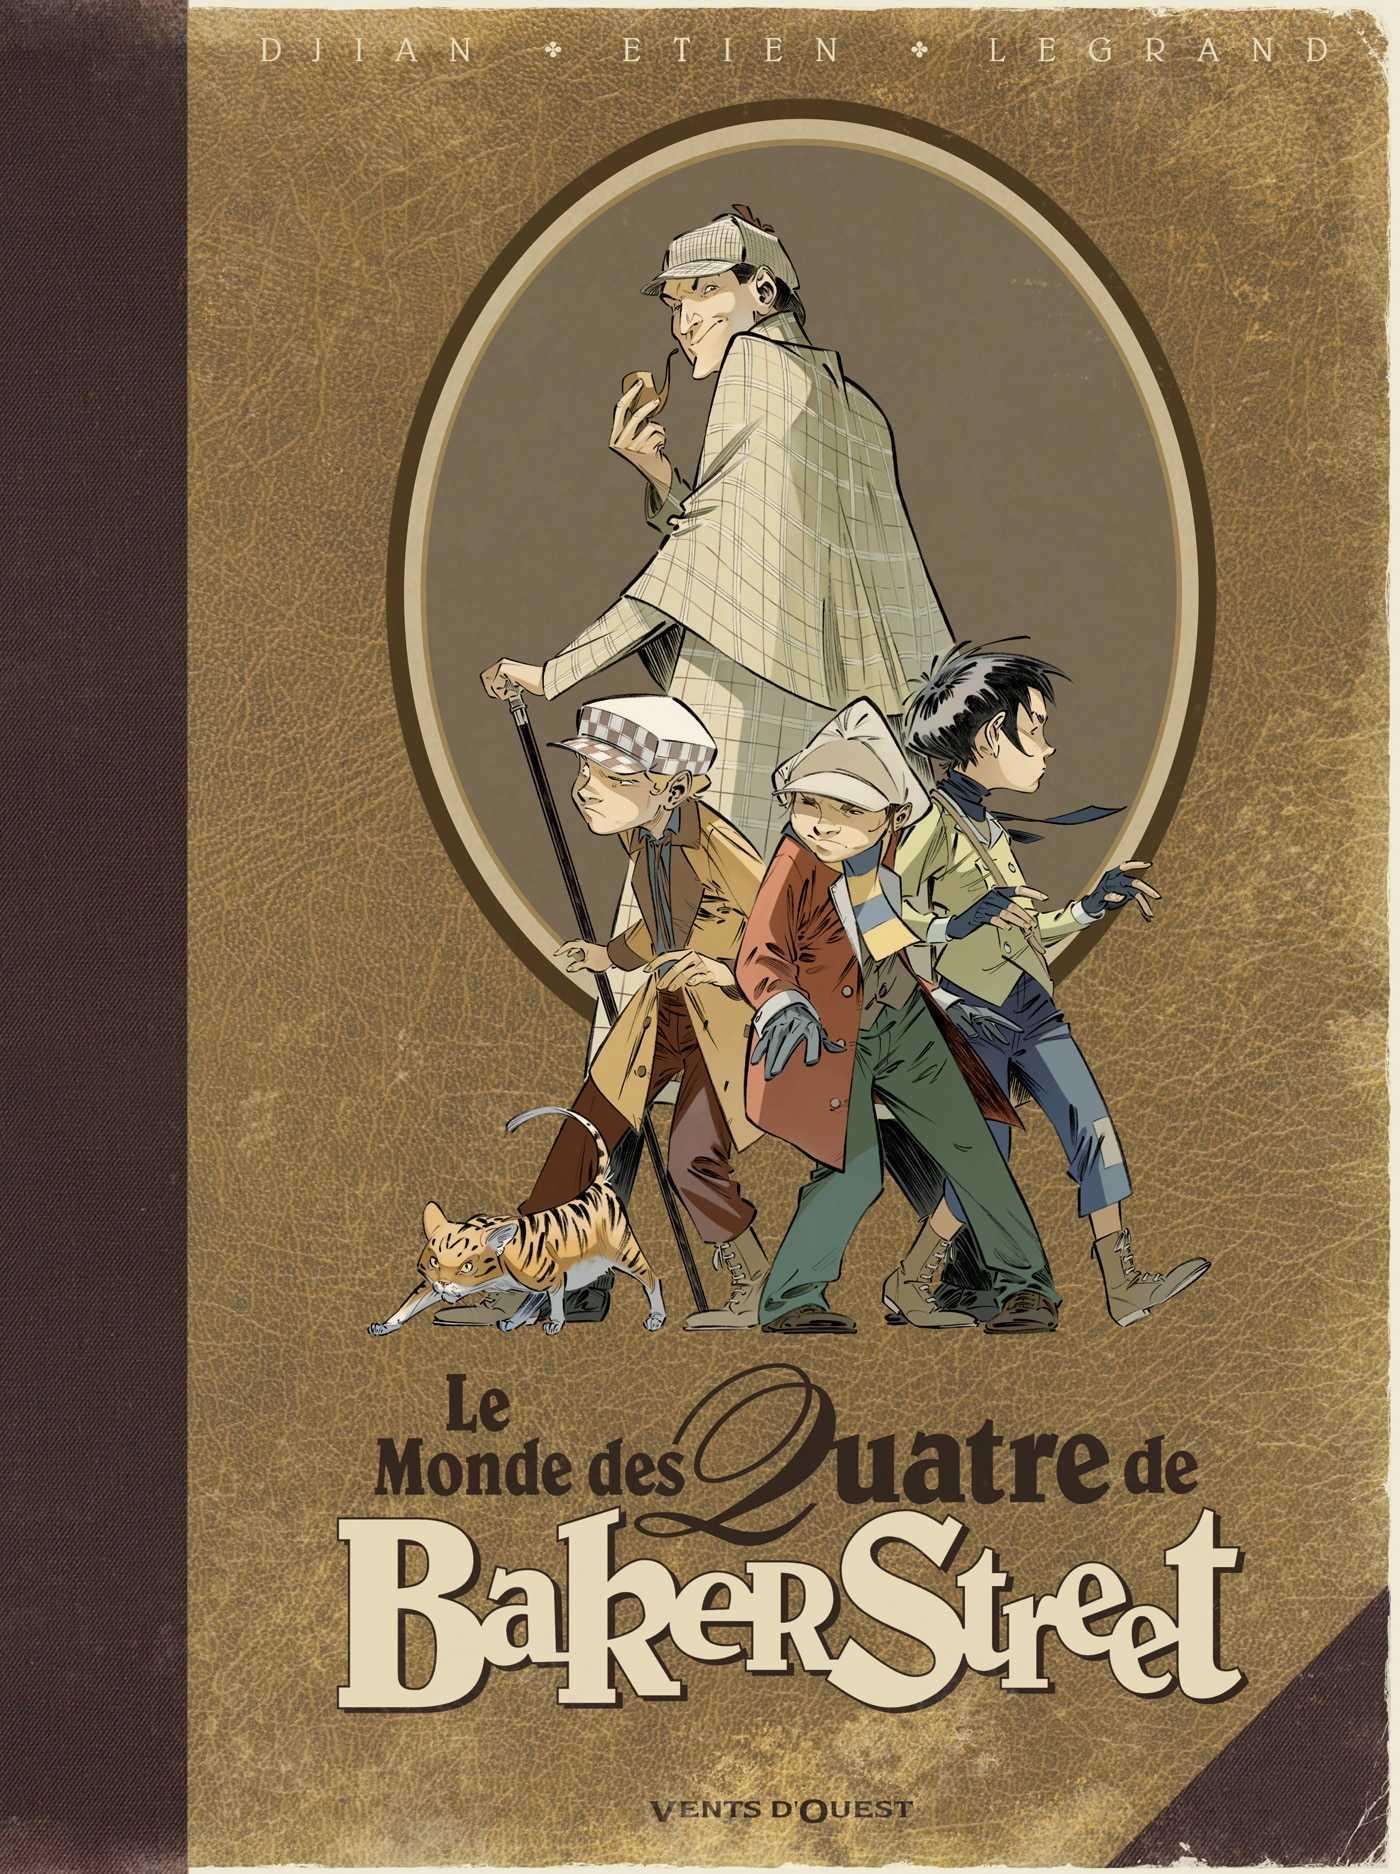 """Le Monde des Quatre de Baker Street, pour tout savoir sur Holmes et ses """"irréguliers"""""""